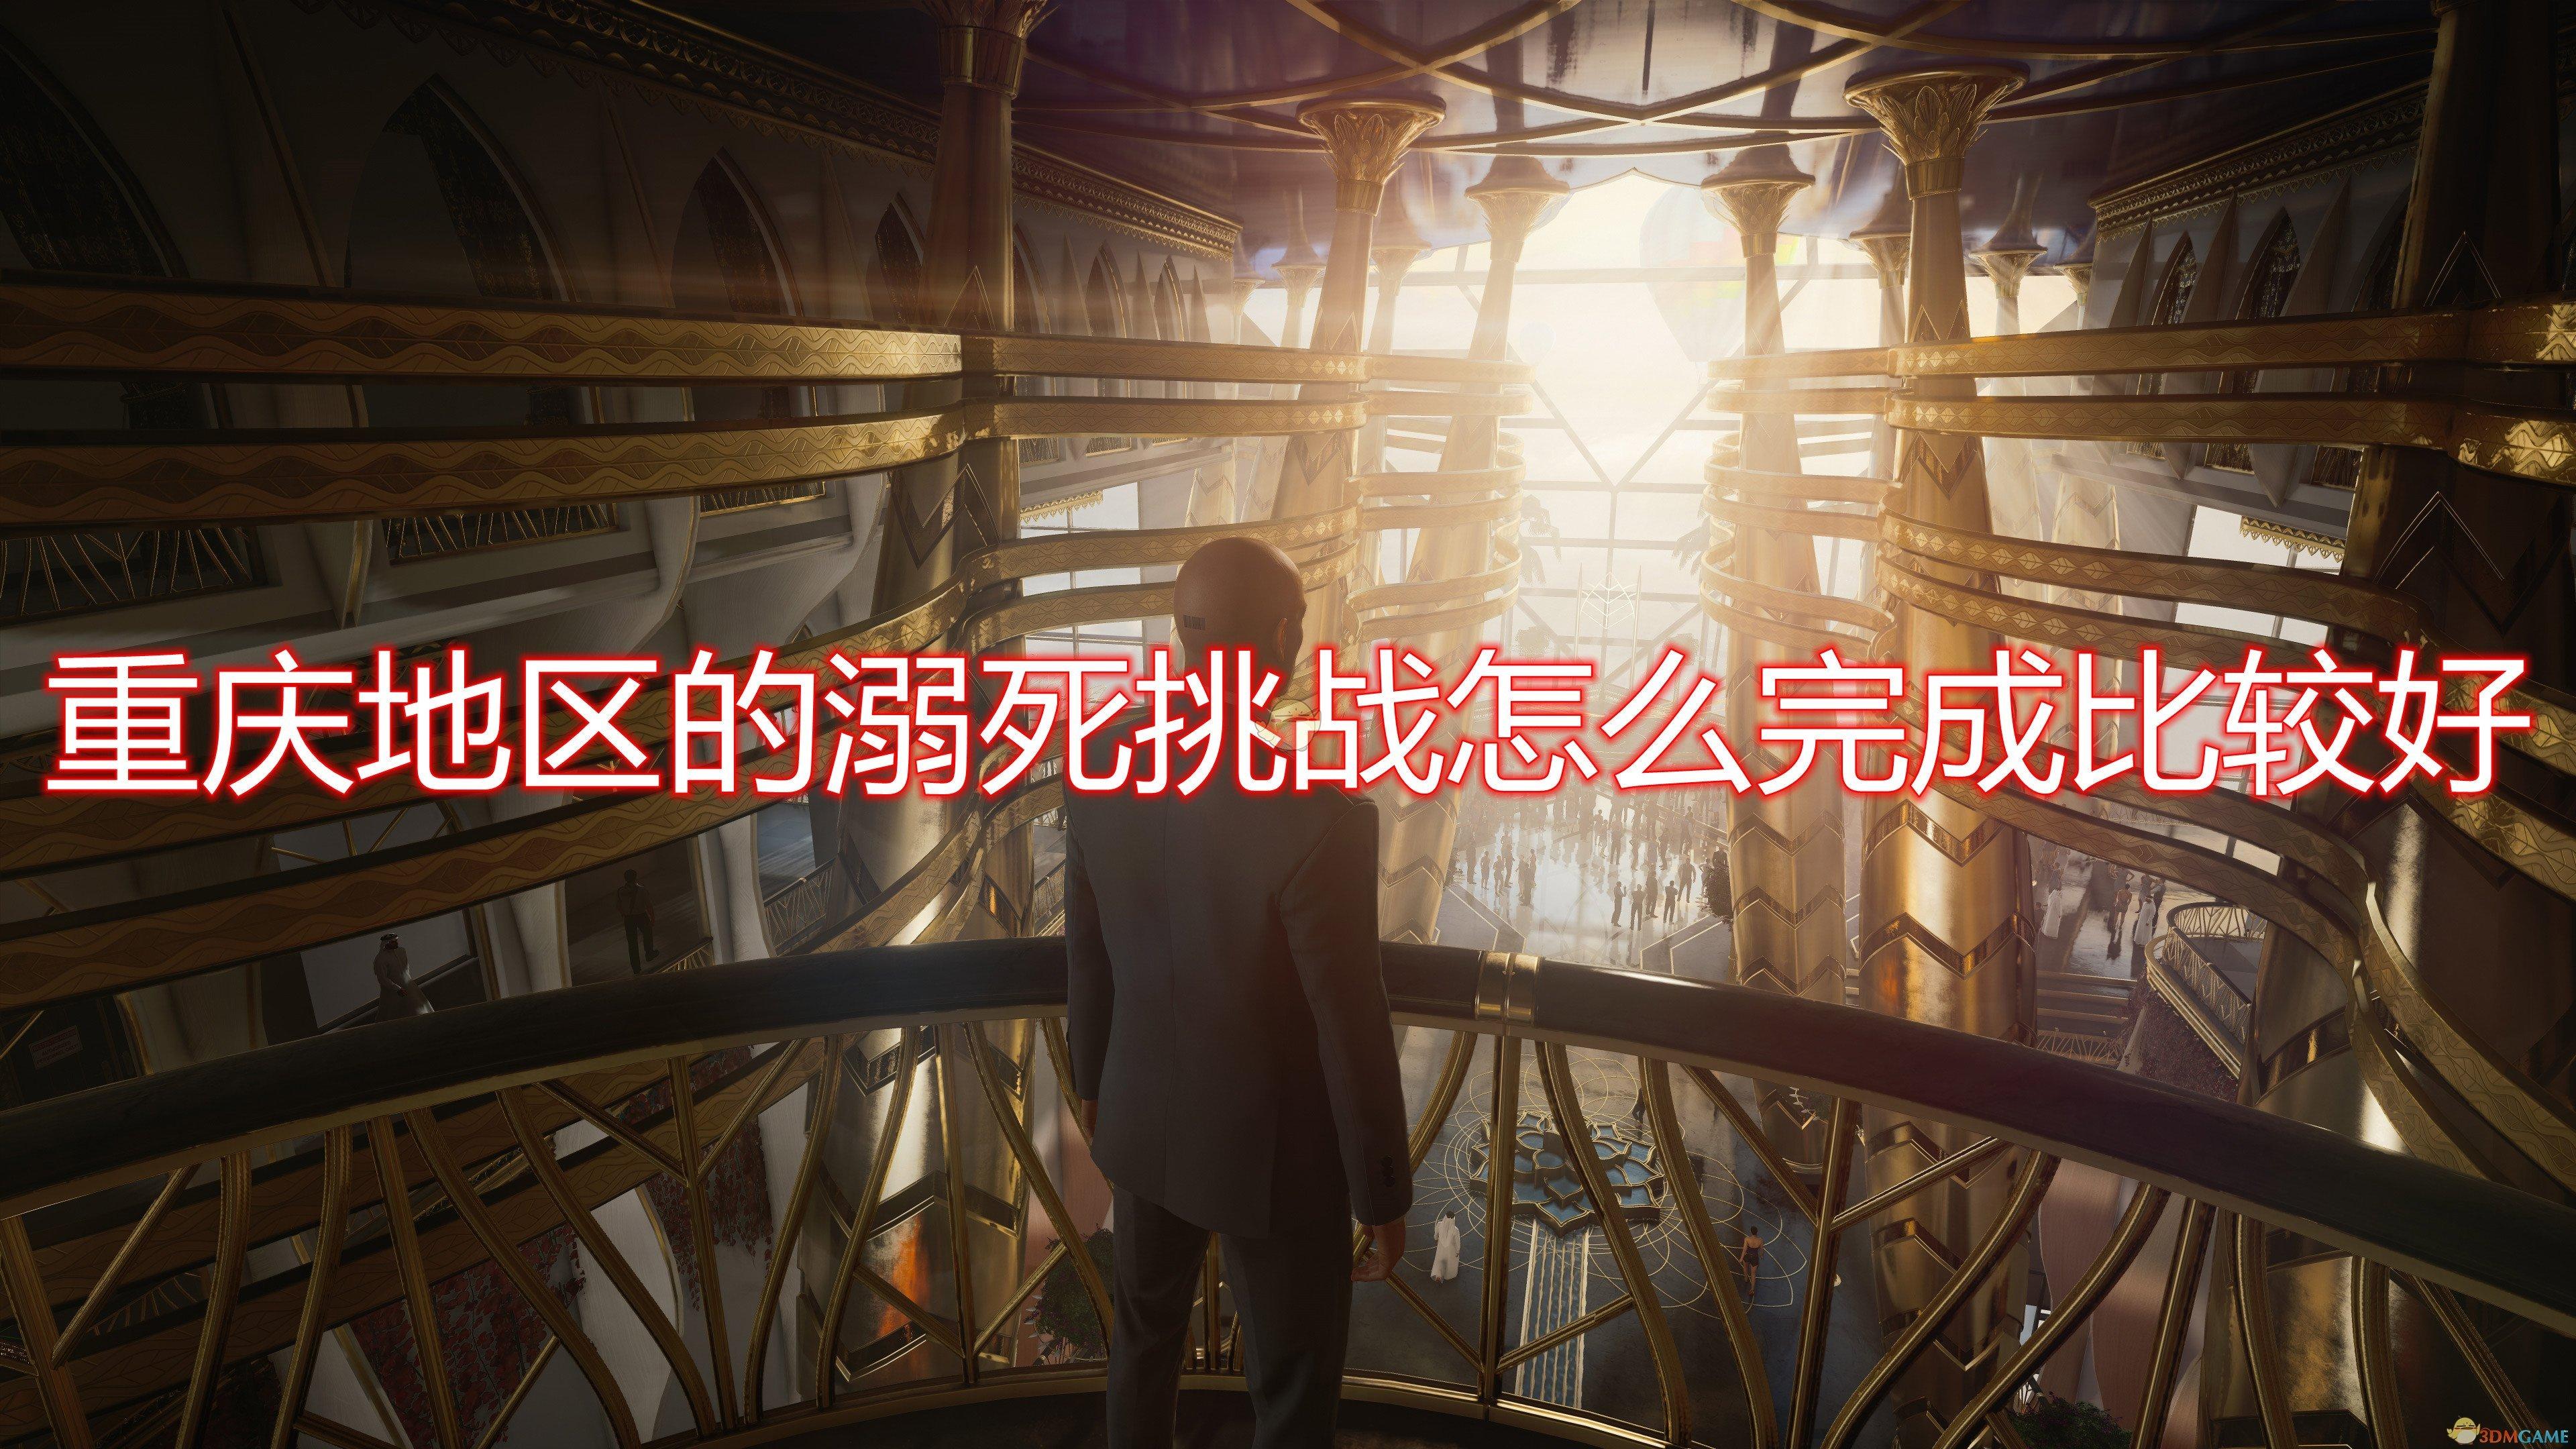 《杀手3》重庆溺死挑战完成攻略